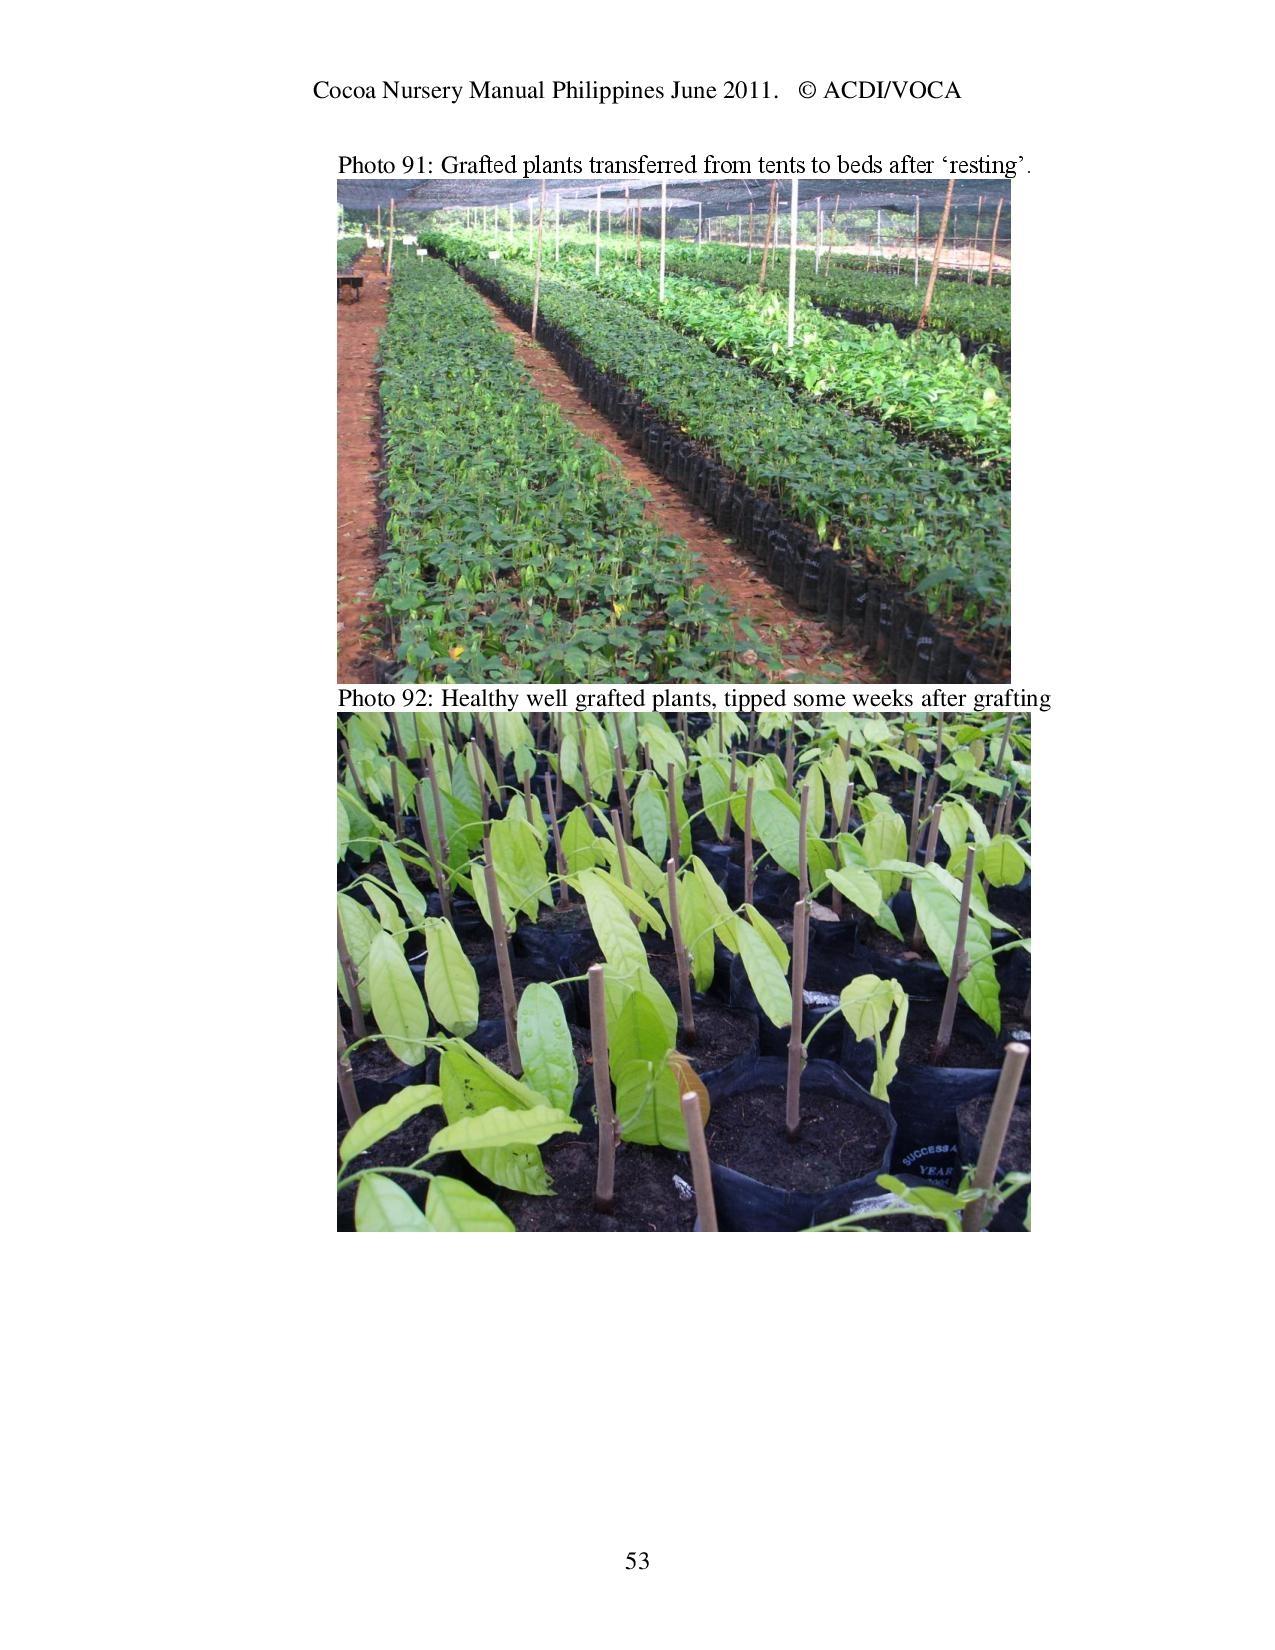 Cocoa-Nursery-Manual-2011_acdi-voca-page-053